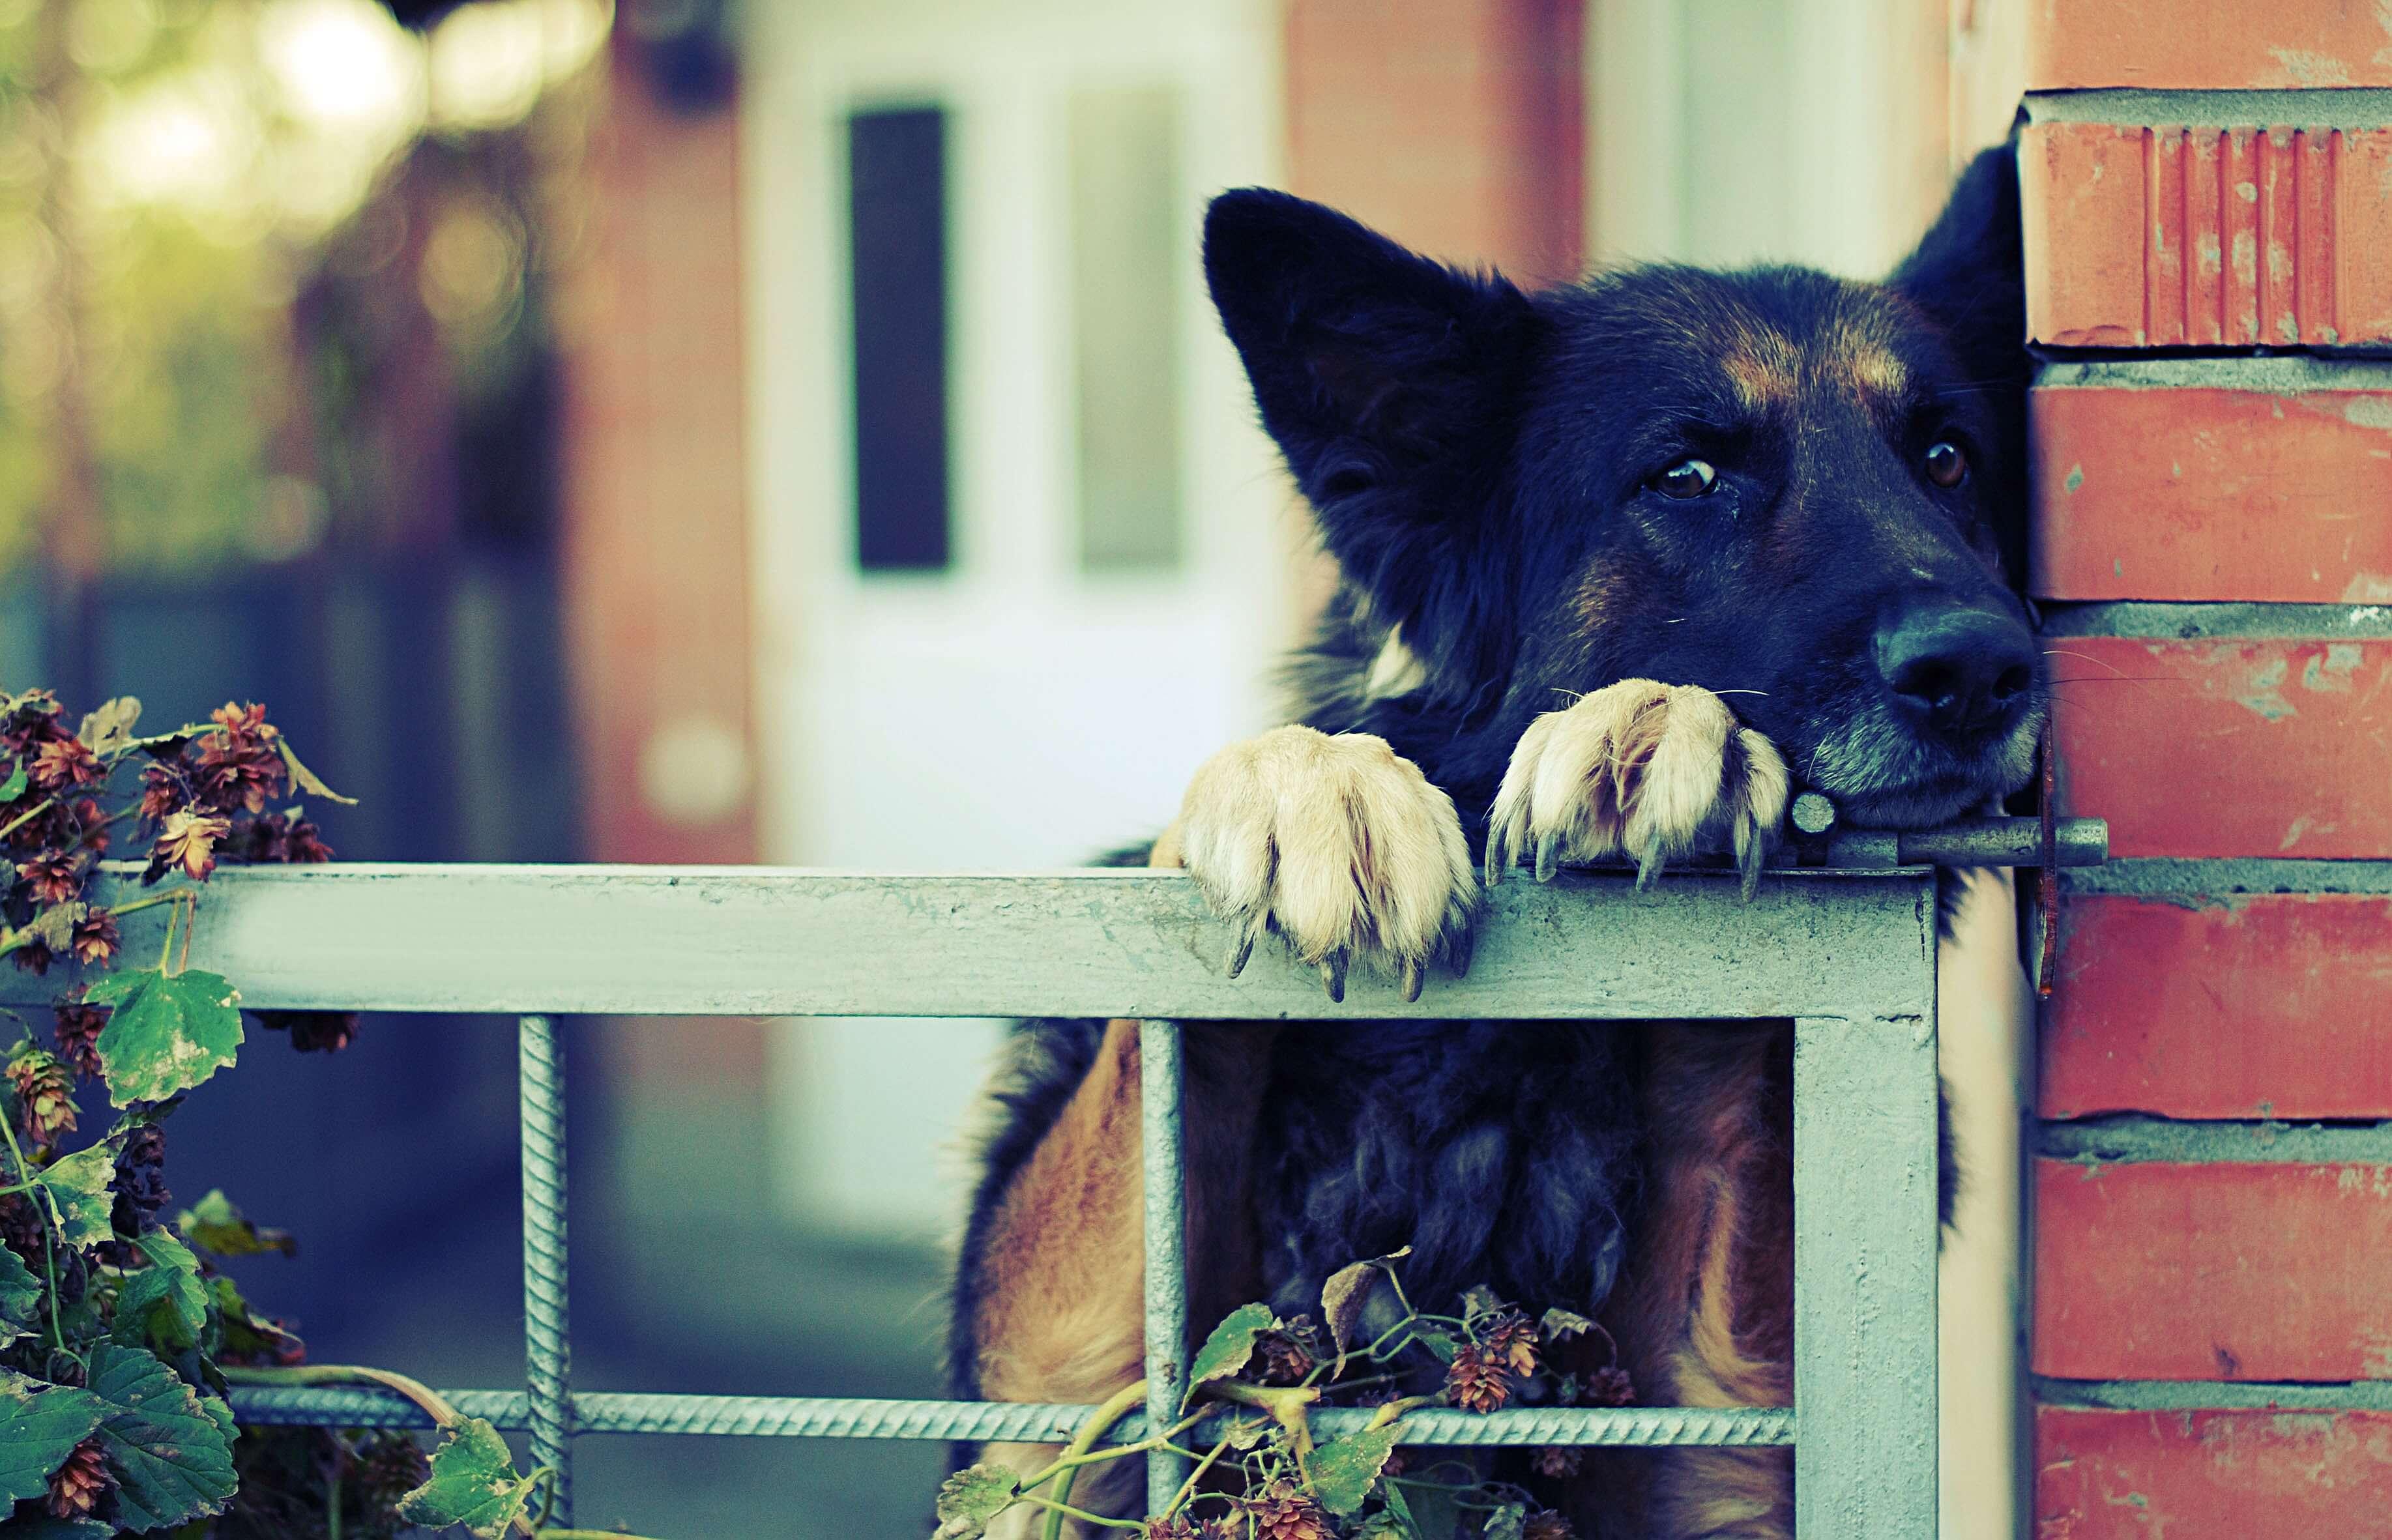 Territorial dog behavior